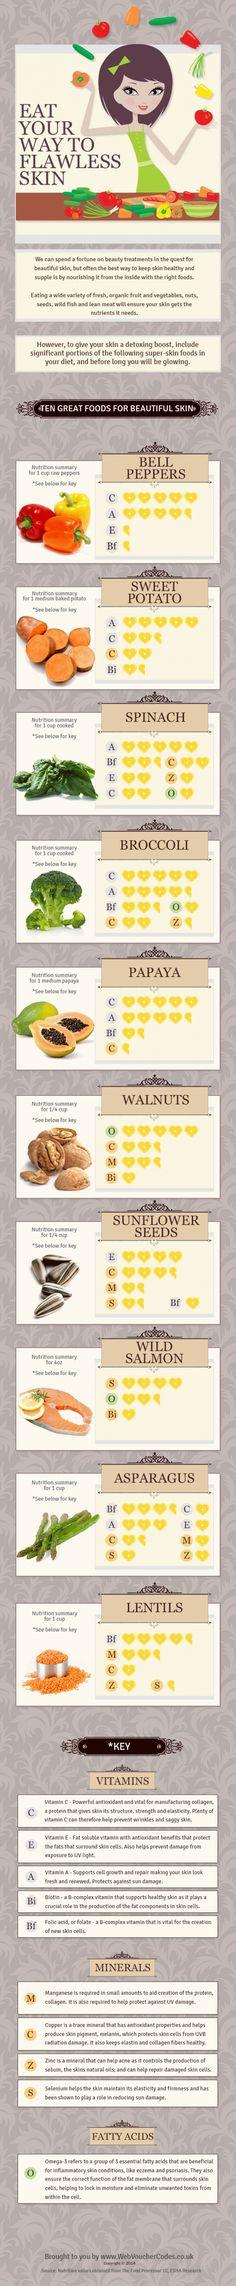 Top Ten Foods for Beautiful Skin